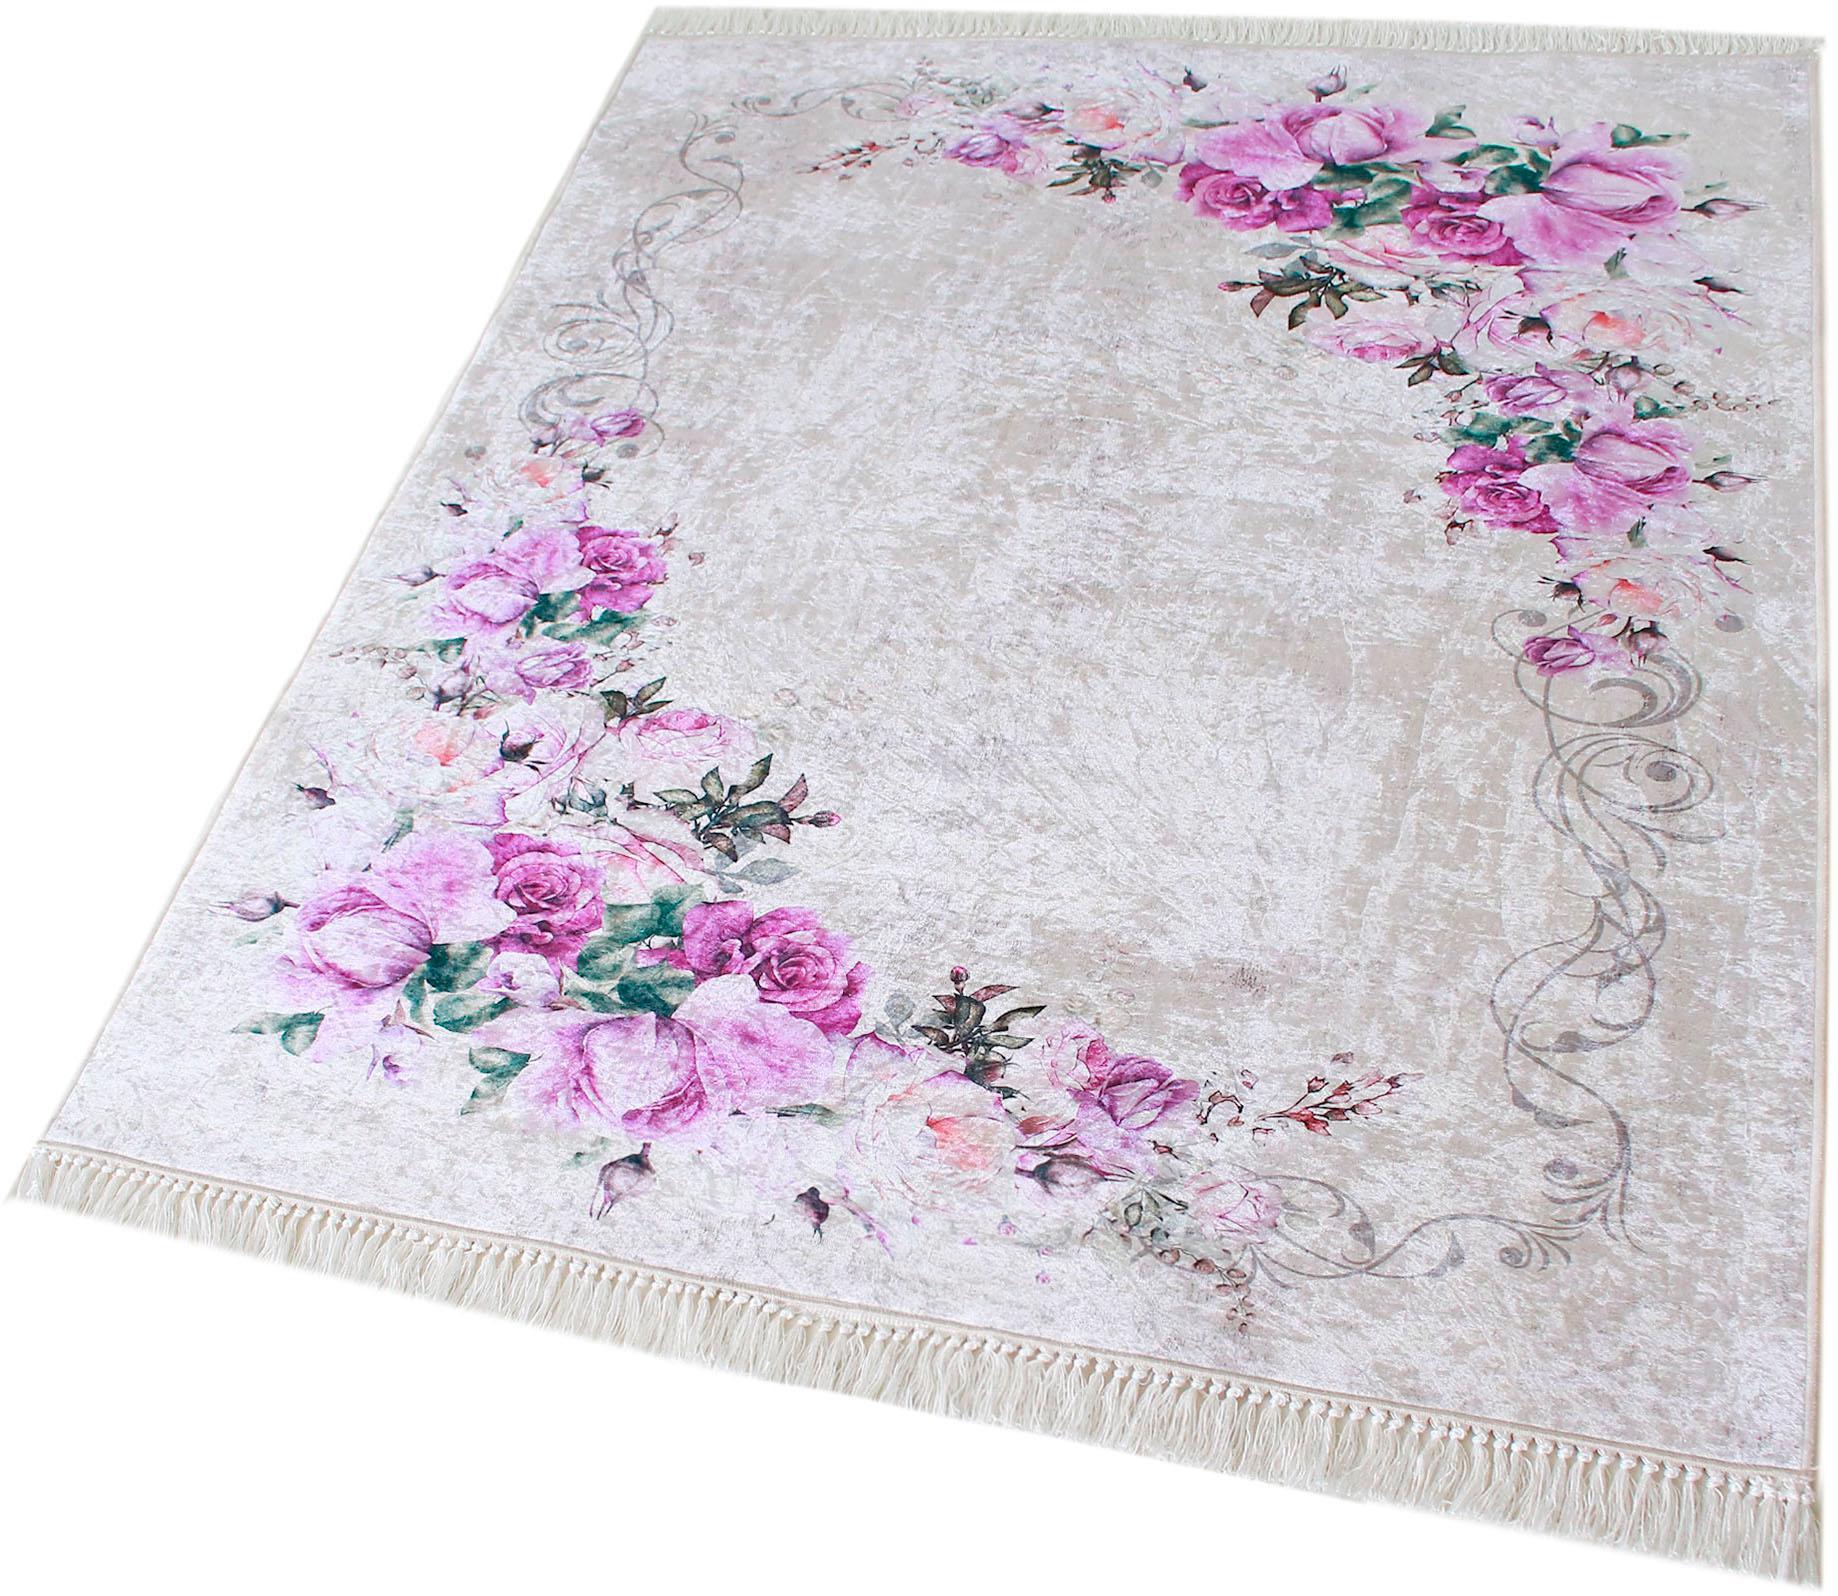 Teppich Caimas 2210 Sehrazat rechteckig Höhe 5 mm gedruckt